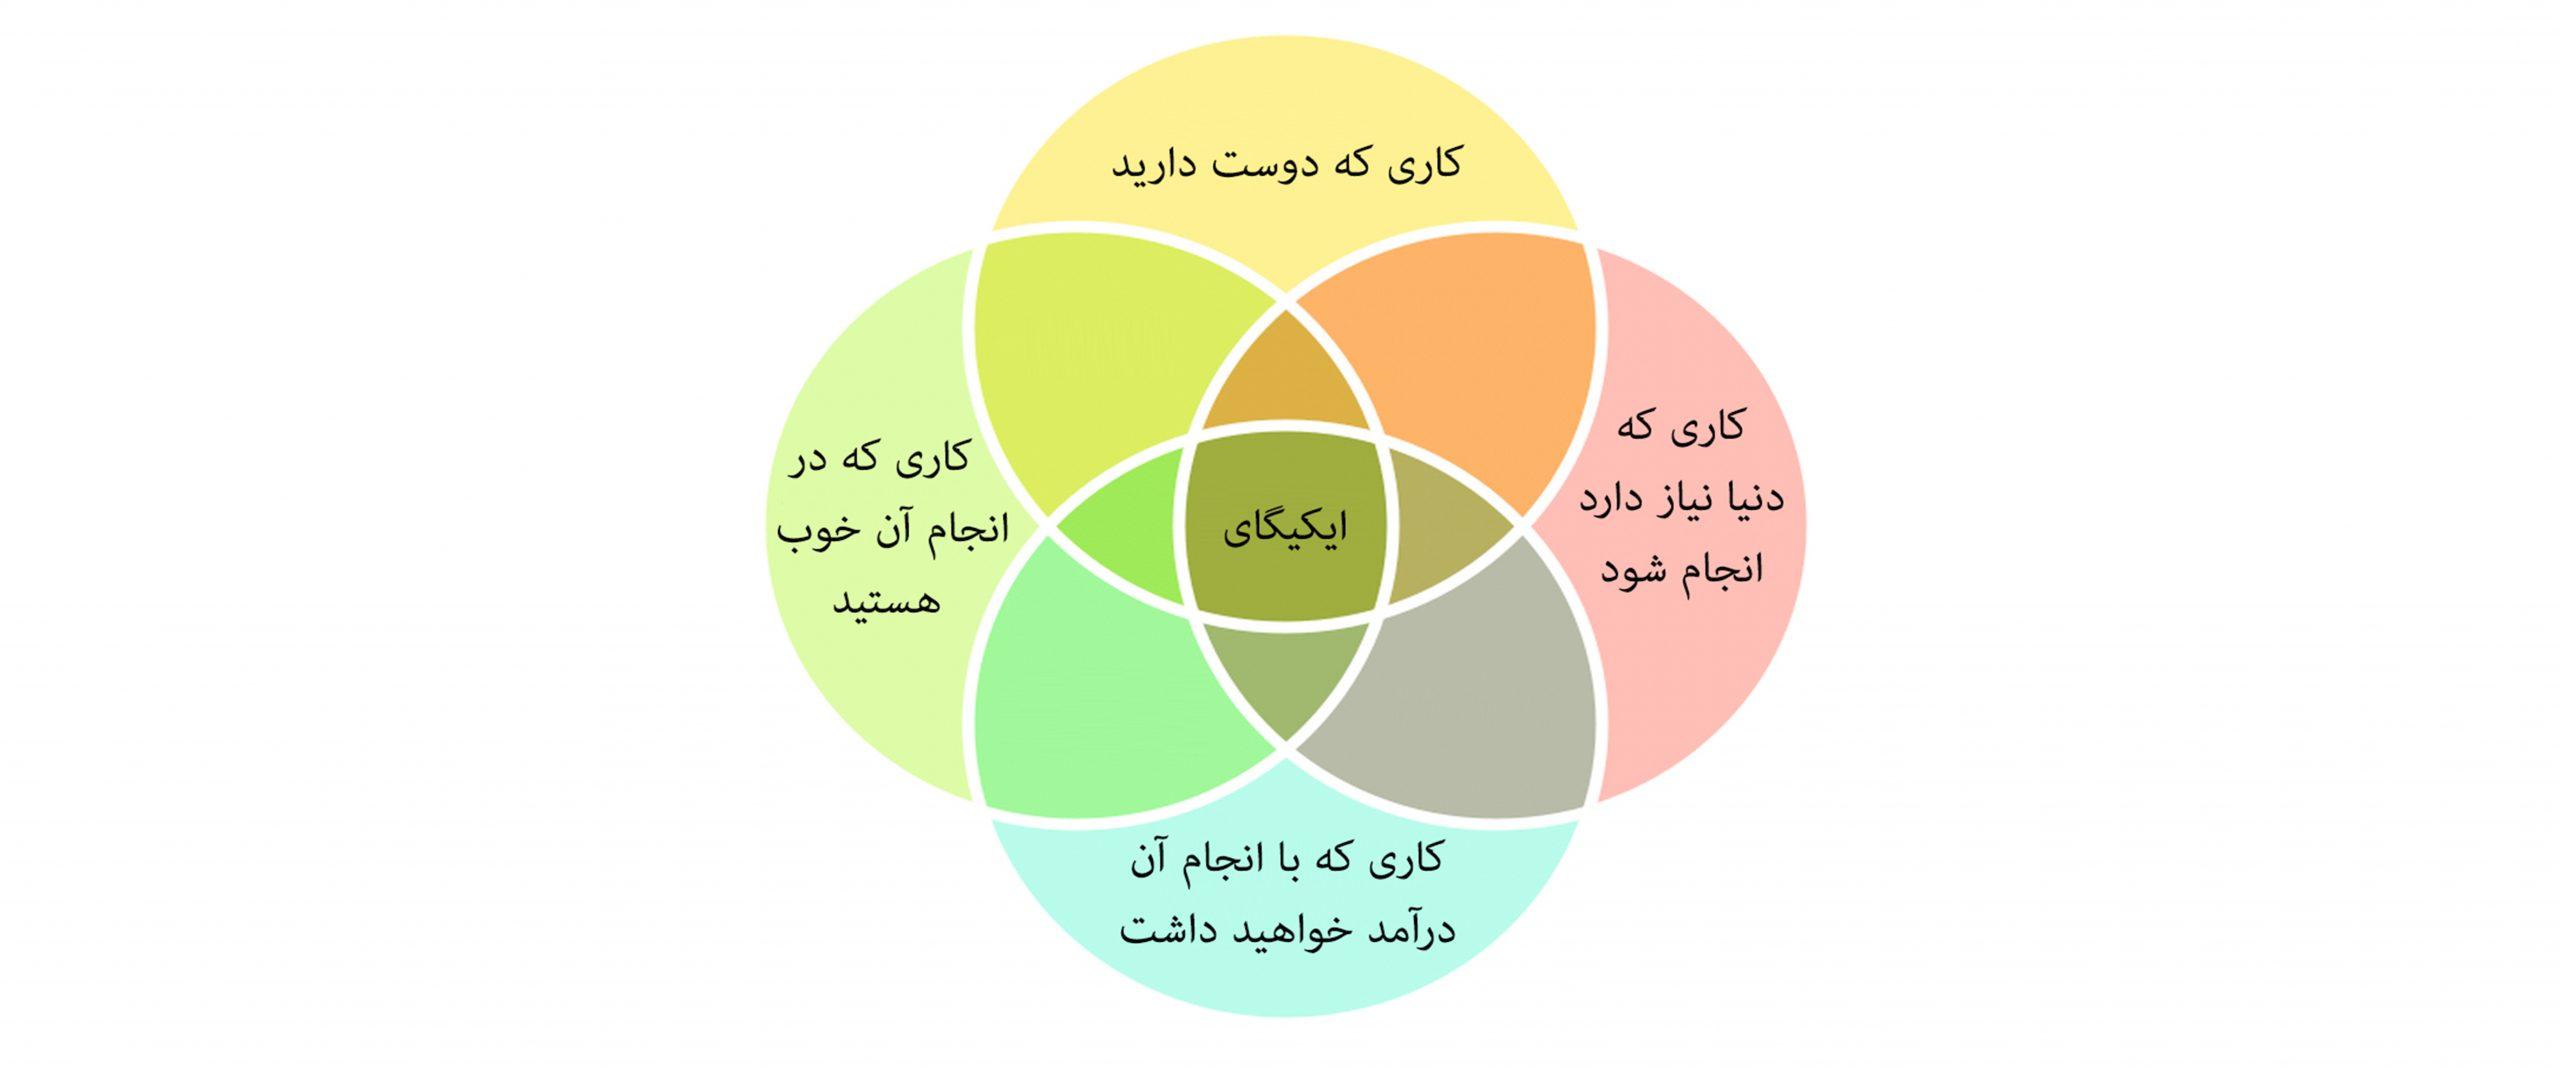 ادغام شده ی 4 دایره ی اصلی , نشان دهنده ی محل ایکیگای